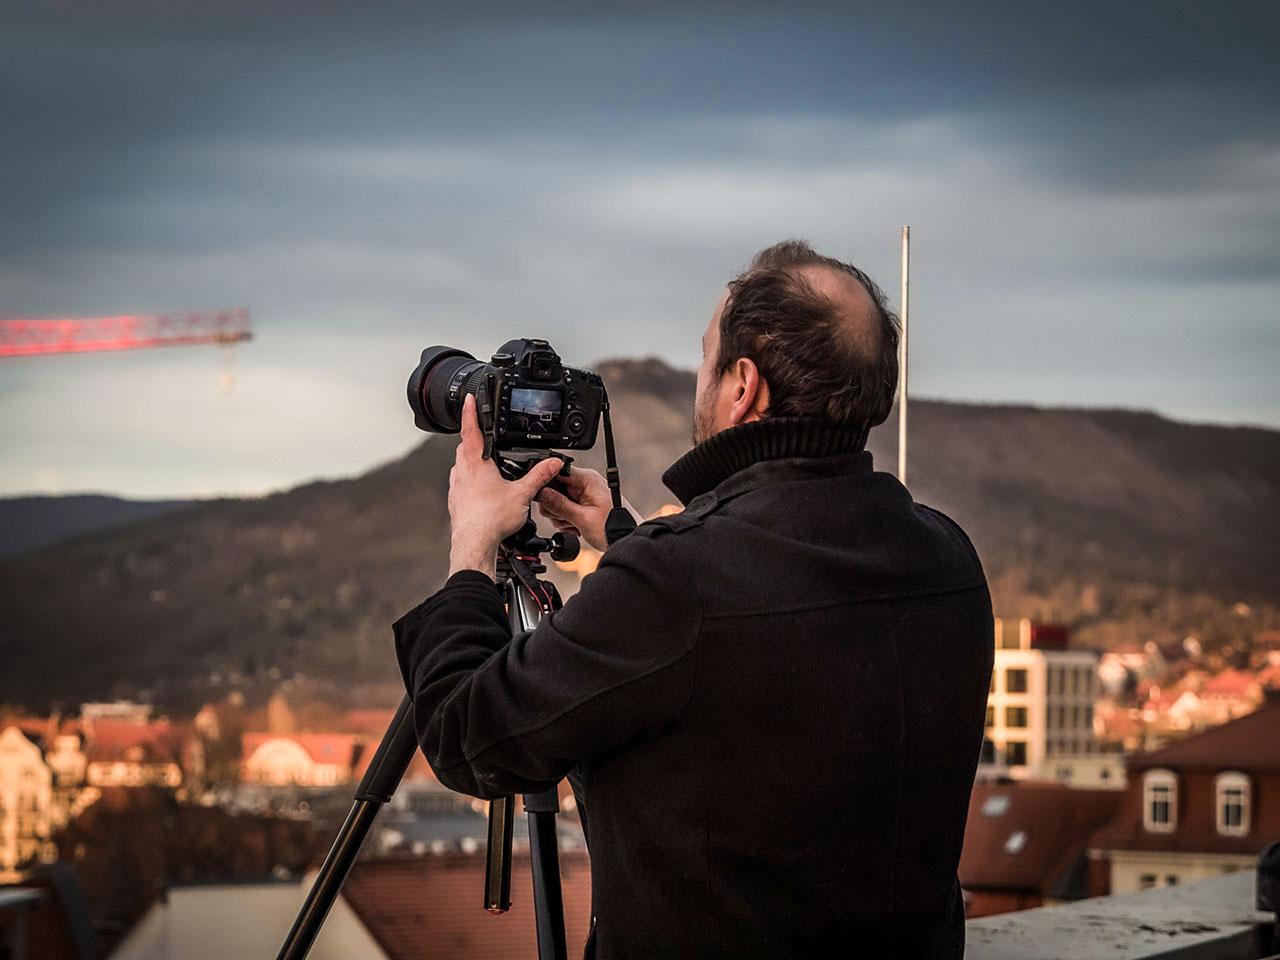 Freies, kostenloses Foto-Treffen am Freitag